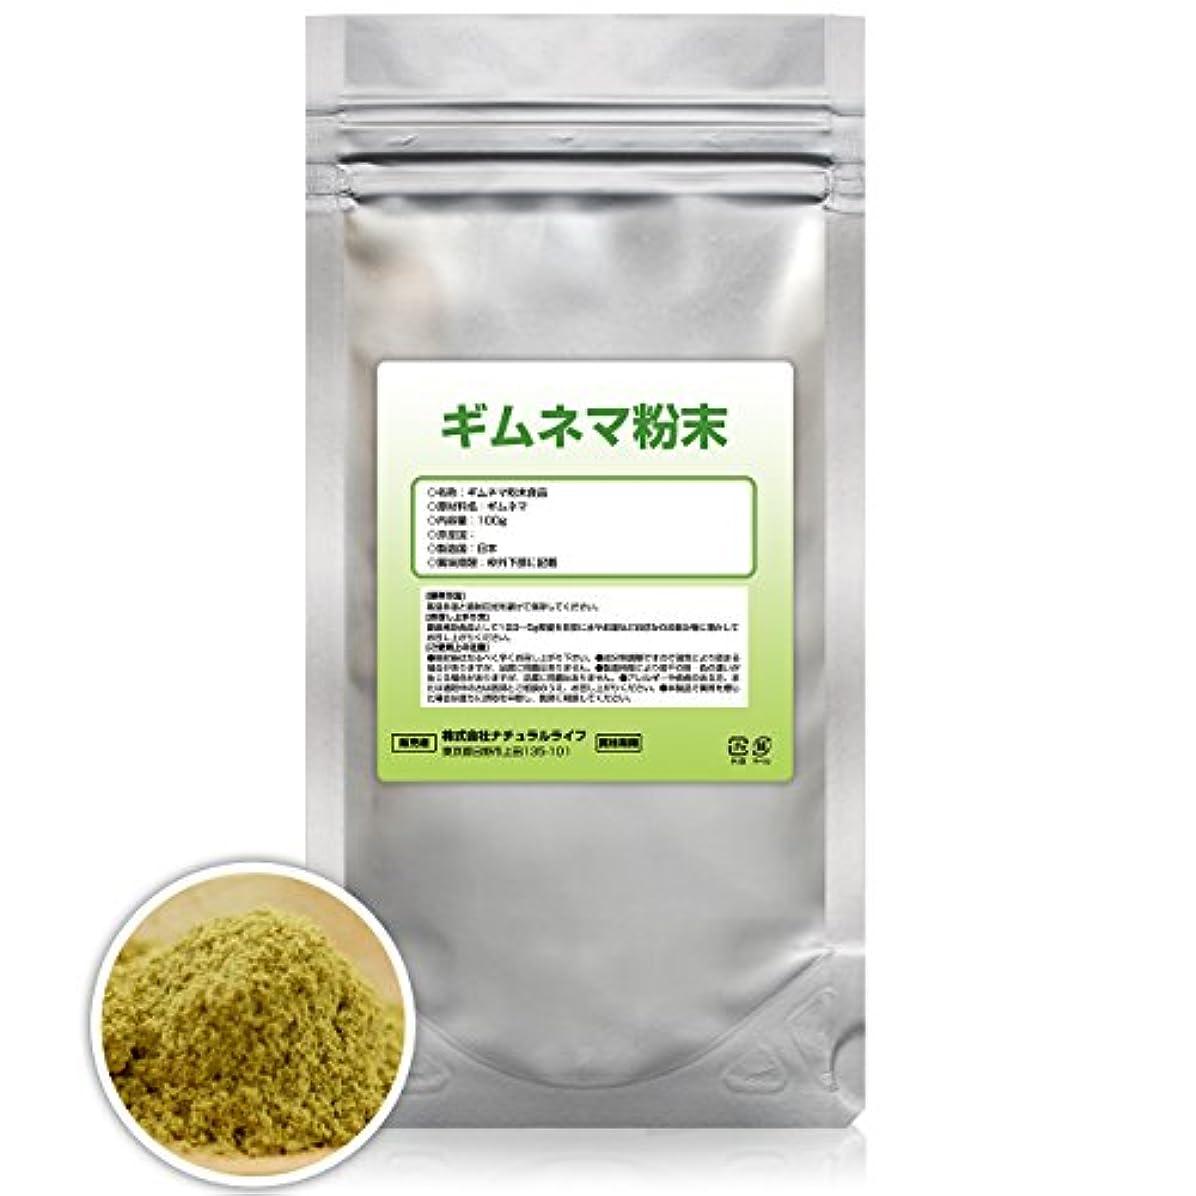 マネージャー恥エッセイギムネマ粉末[100g]天然ピュア原料(無添加)健康食品(ぎむねま)